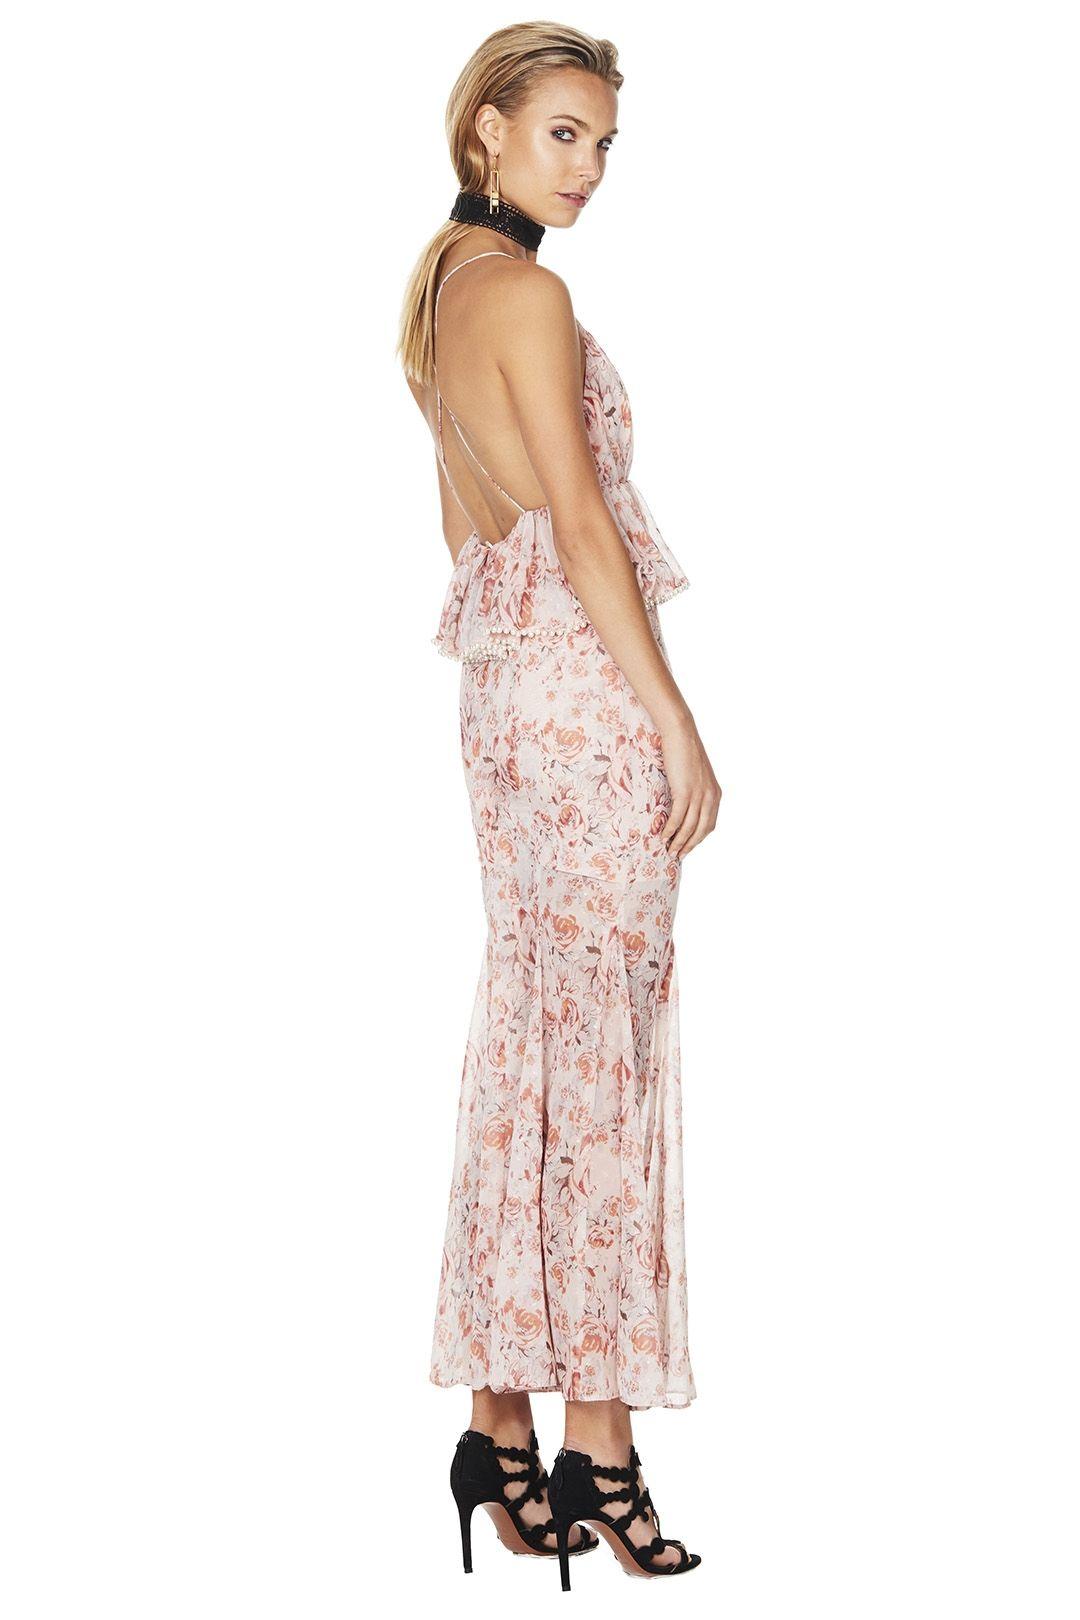 Talulah - The Faithful Maxi Dress - Pink Floral - Back